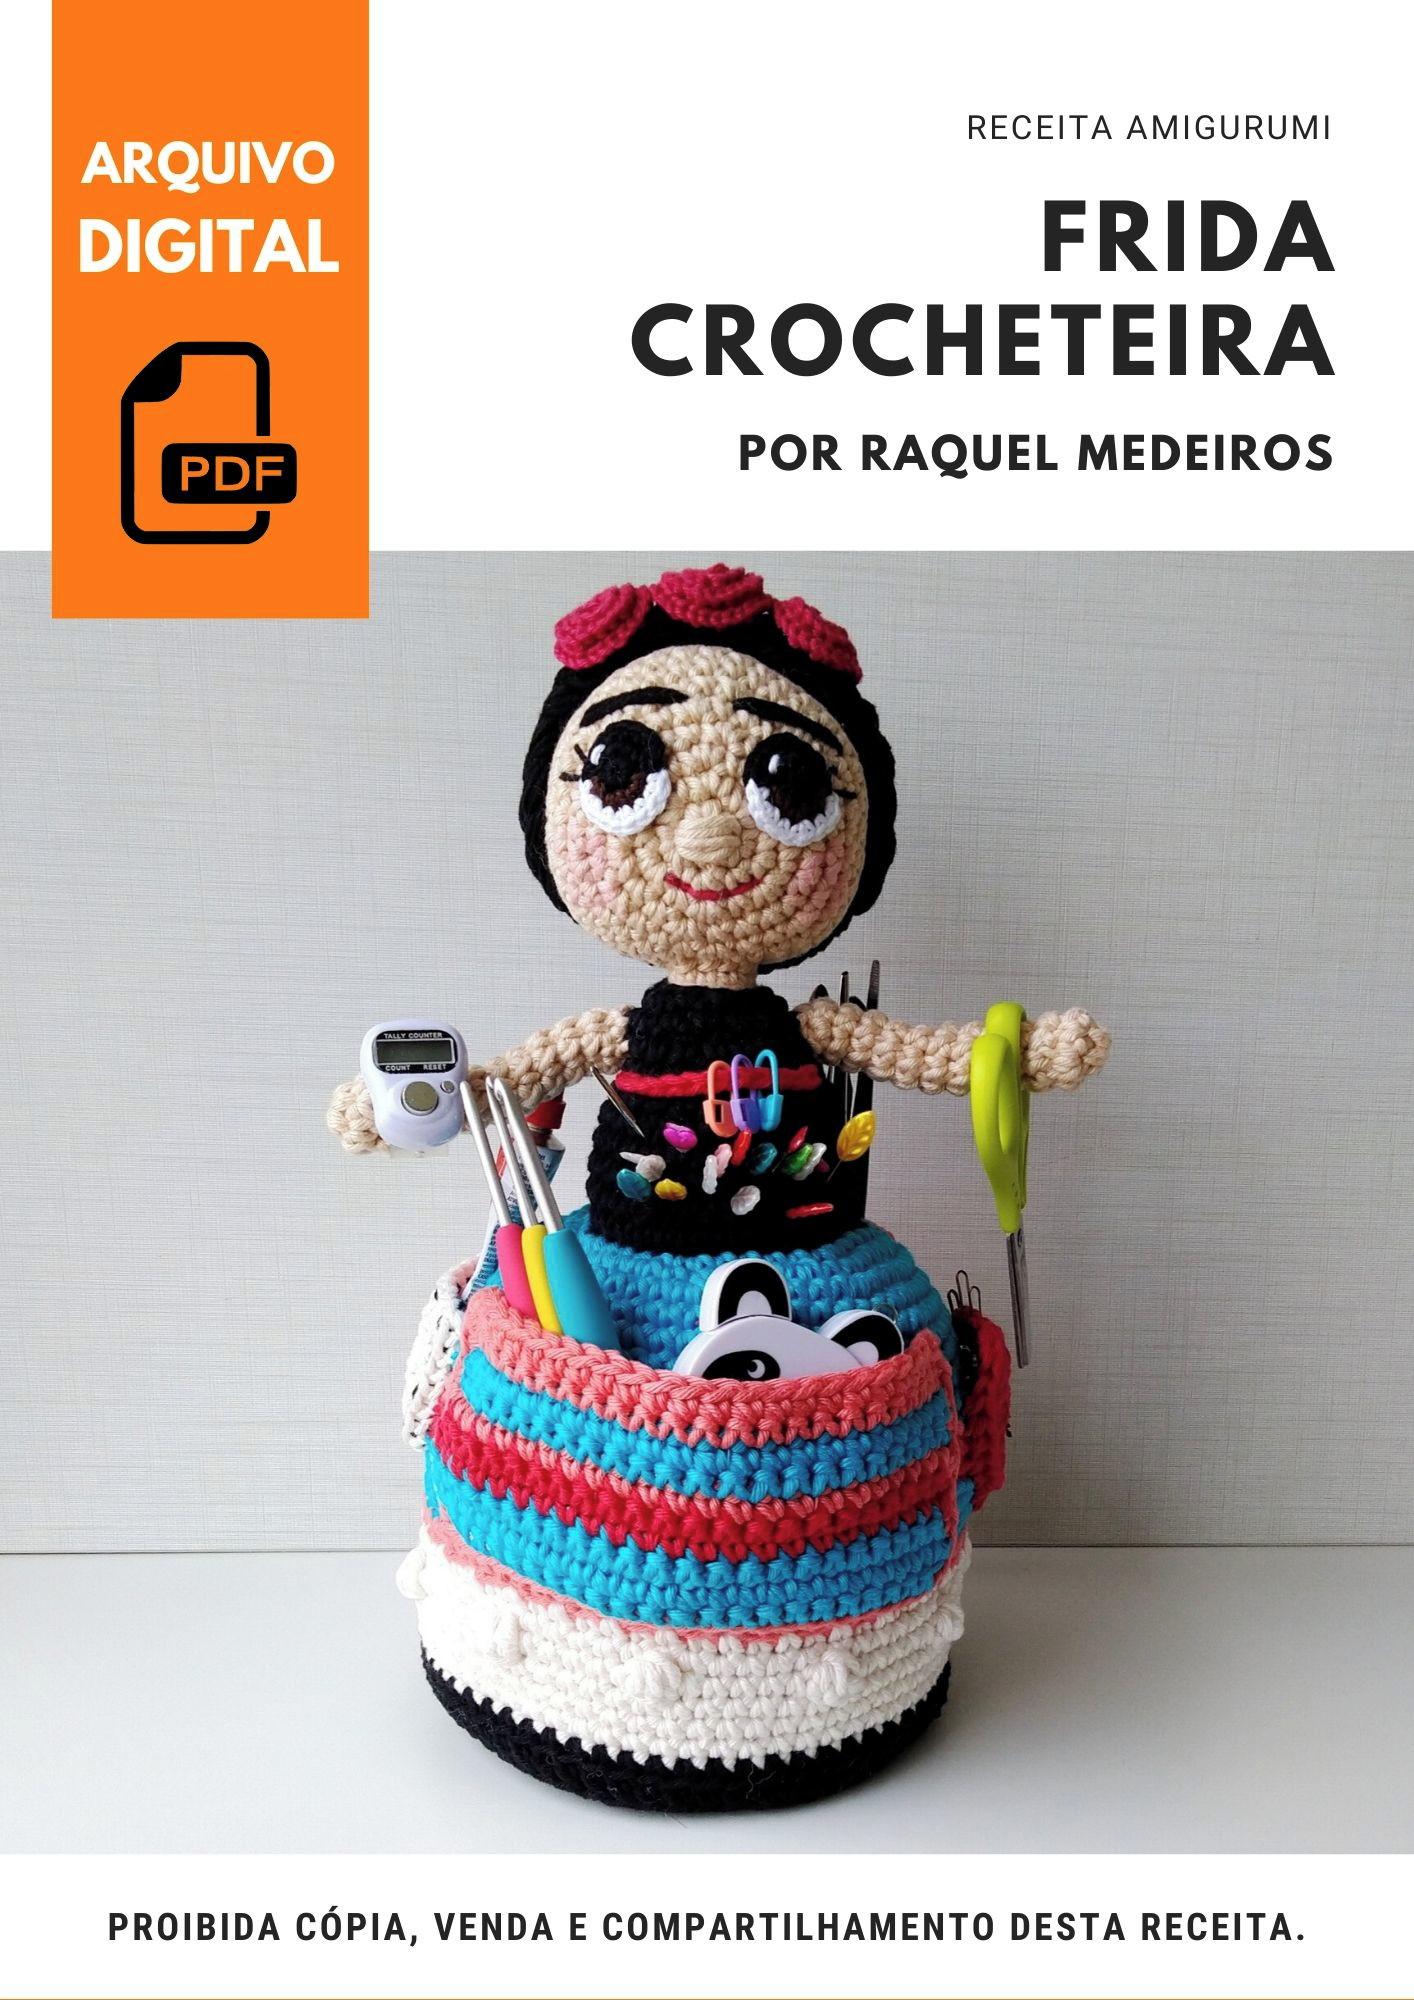 Amigurumi Bonecas - Página 26 de 153 - Amigurumi brinquedos e crochê | 2000x1414